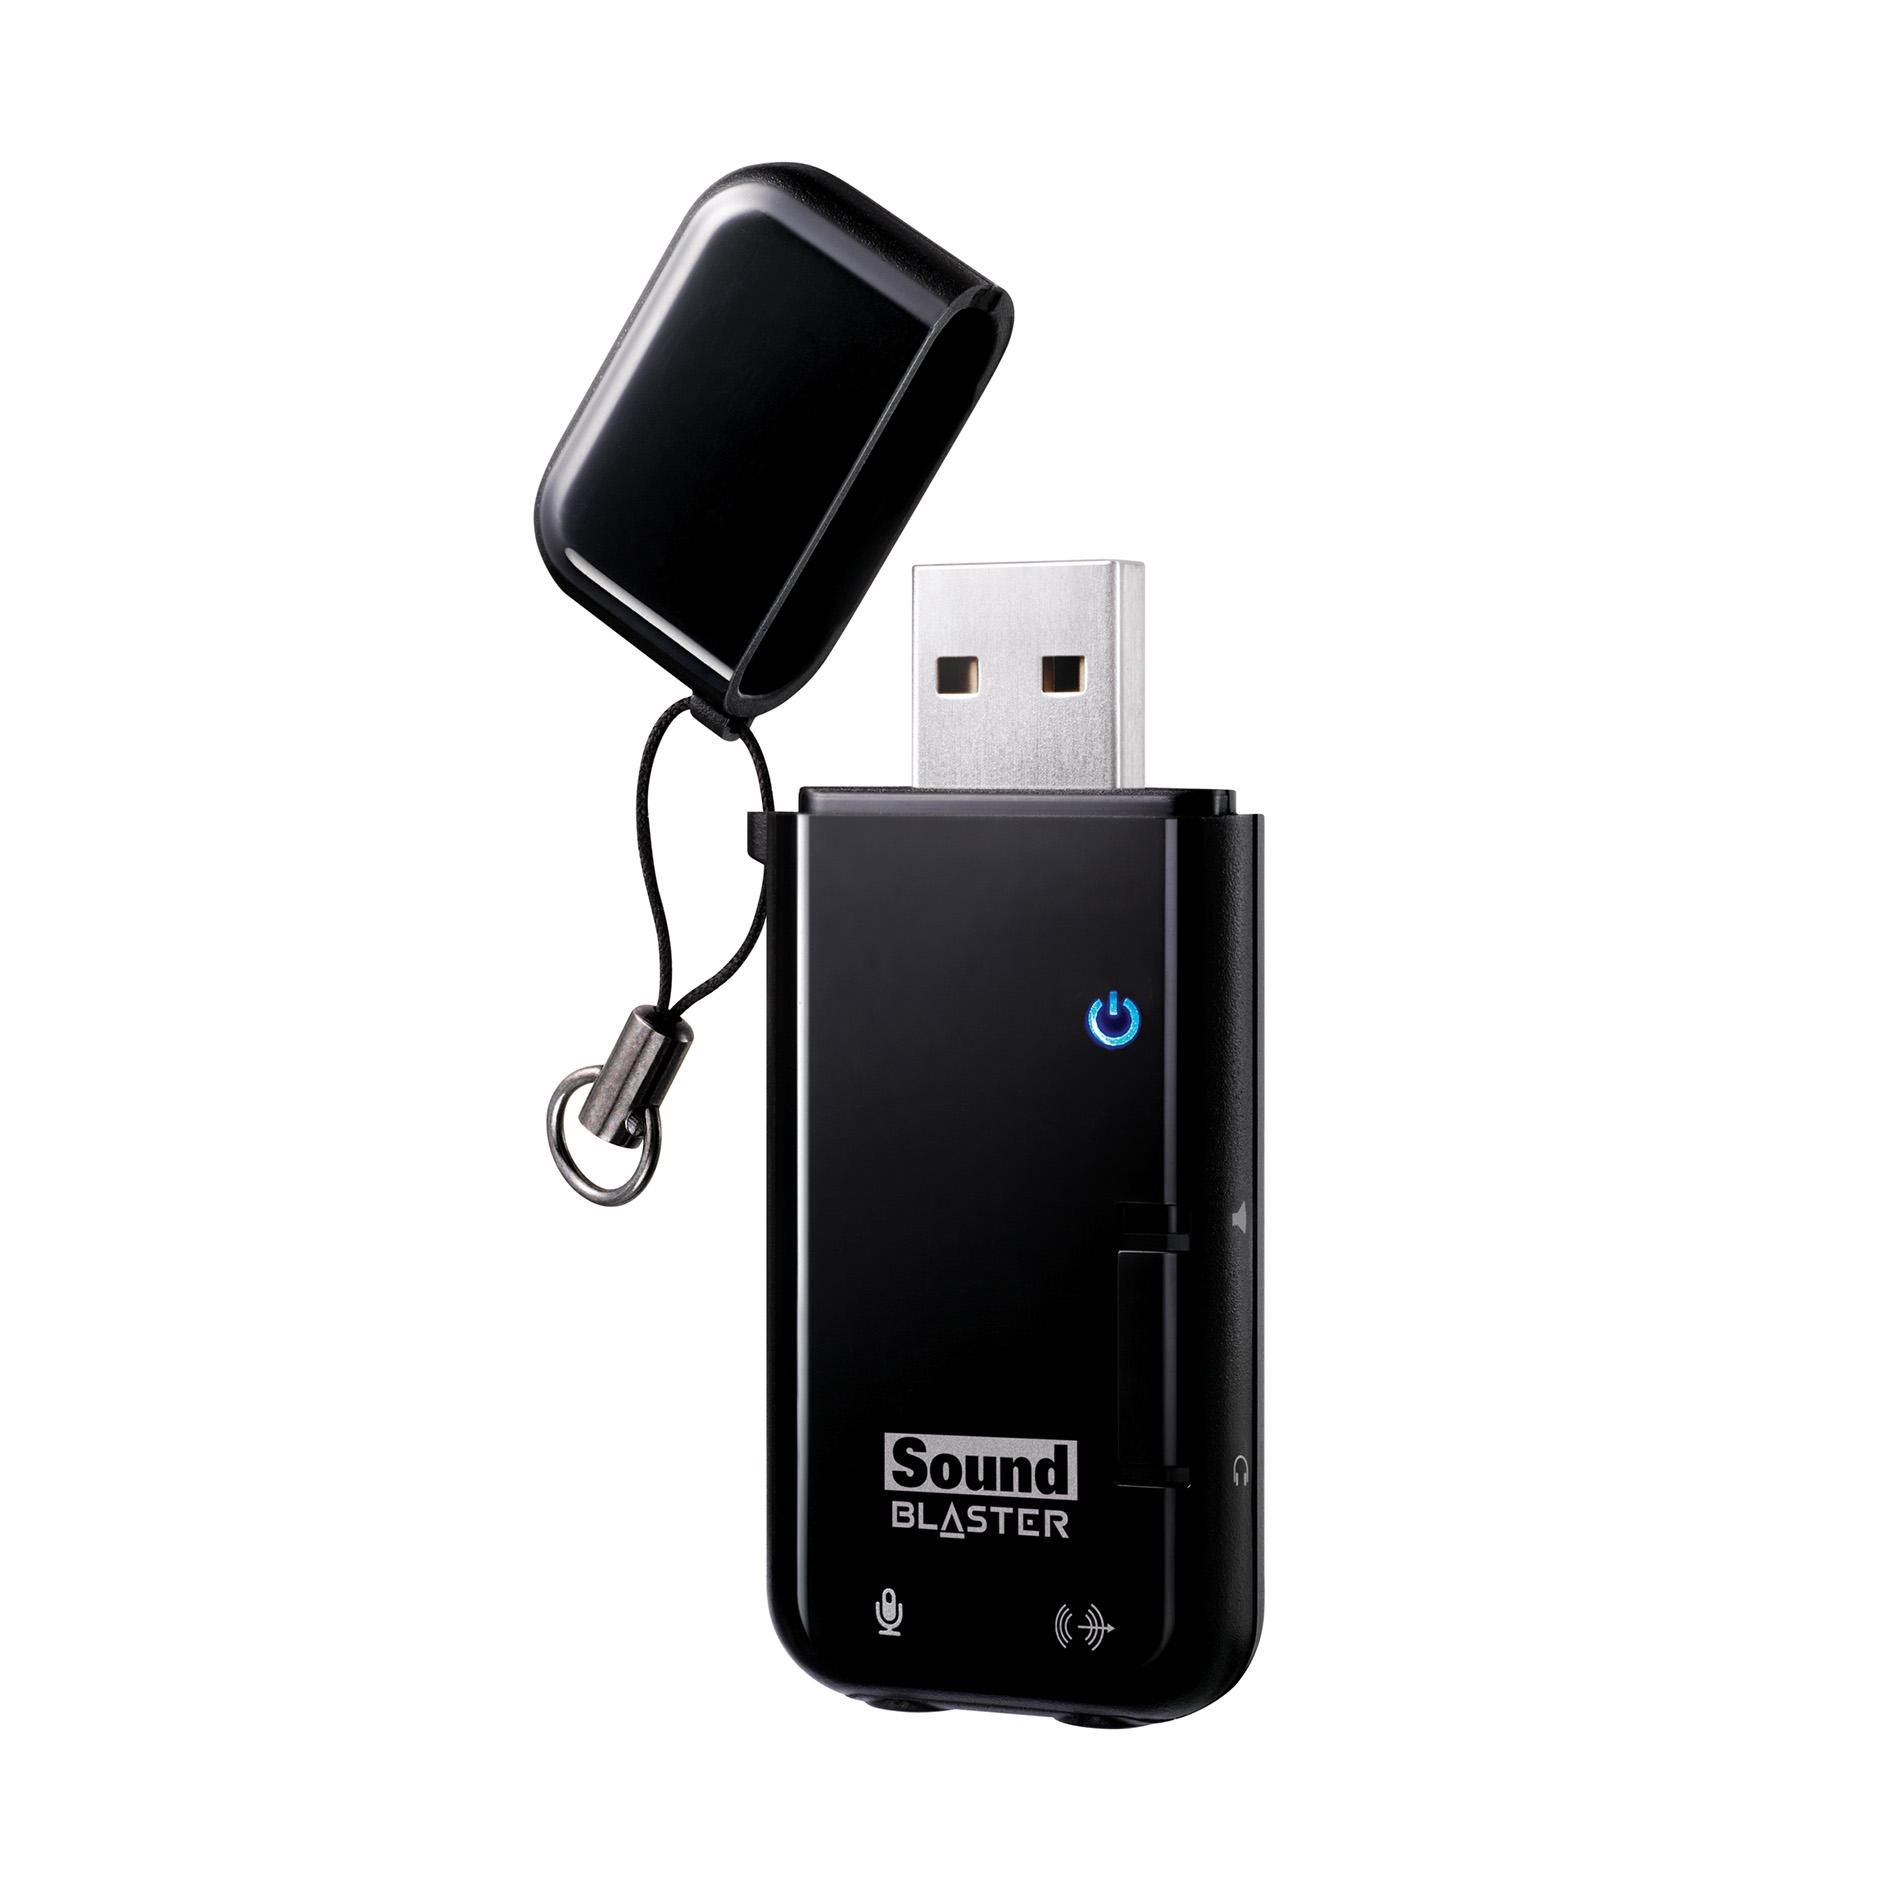 Kết quả hình ảnh cho Sound card Creative Sound Blaster X-Fi Go! Pro SB1290 - Chính Hãng